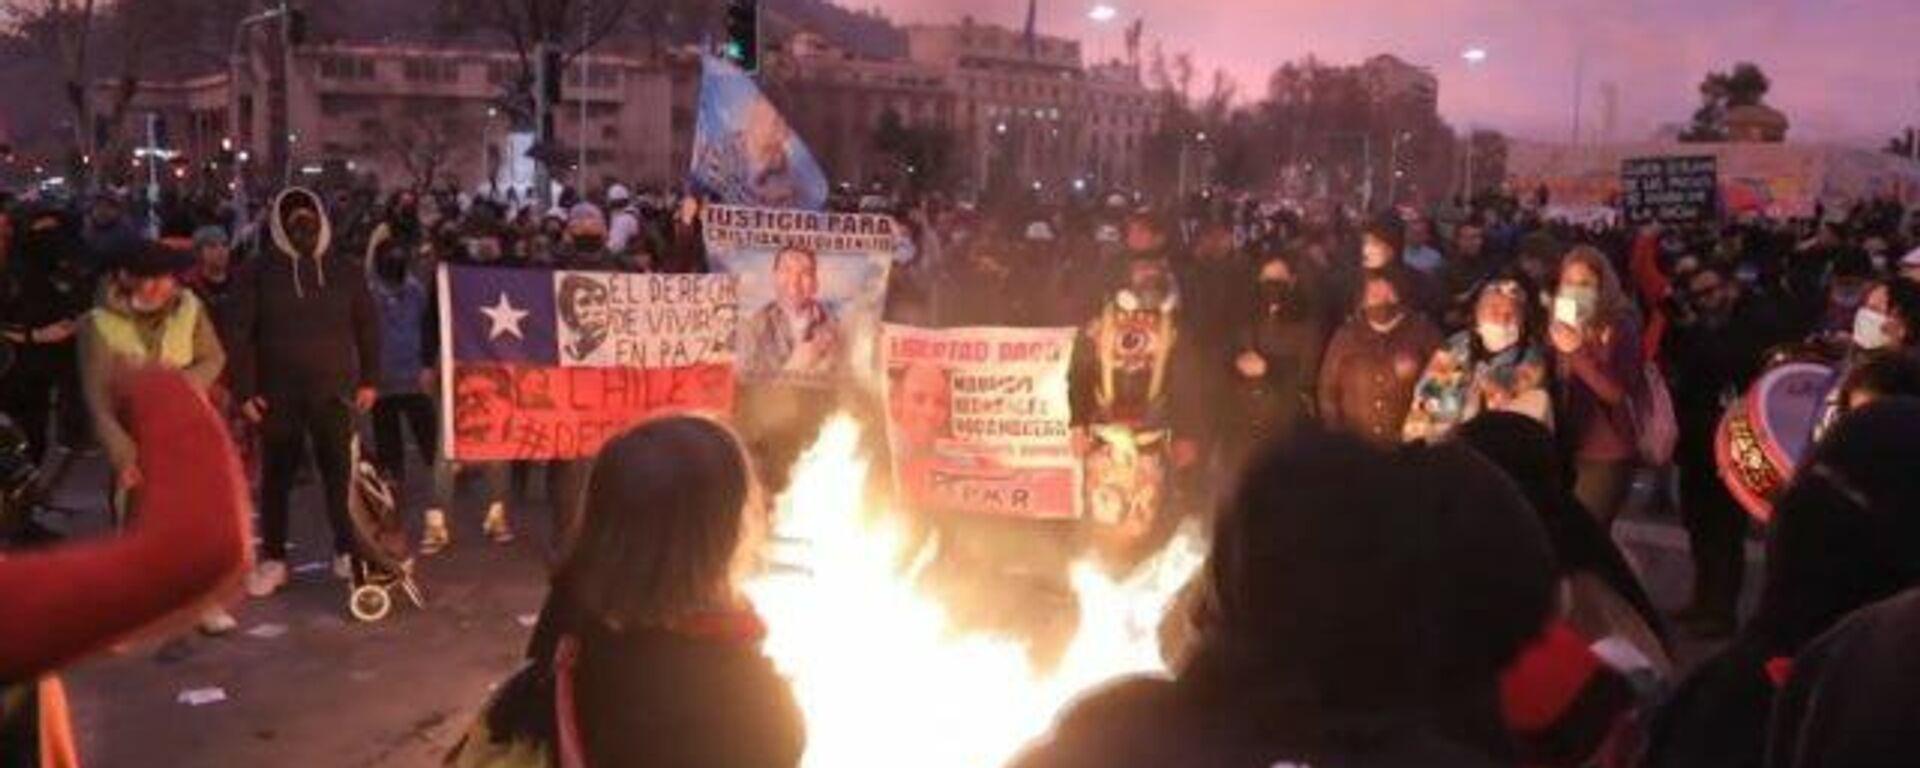 Cacerolazos y represiones por la liberación de presos sumergen a Chile en protestas - Sputnik Mundo, 1920, 21.08.2021